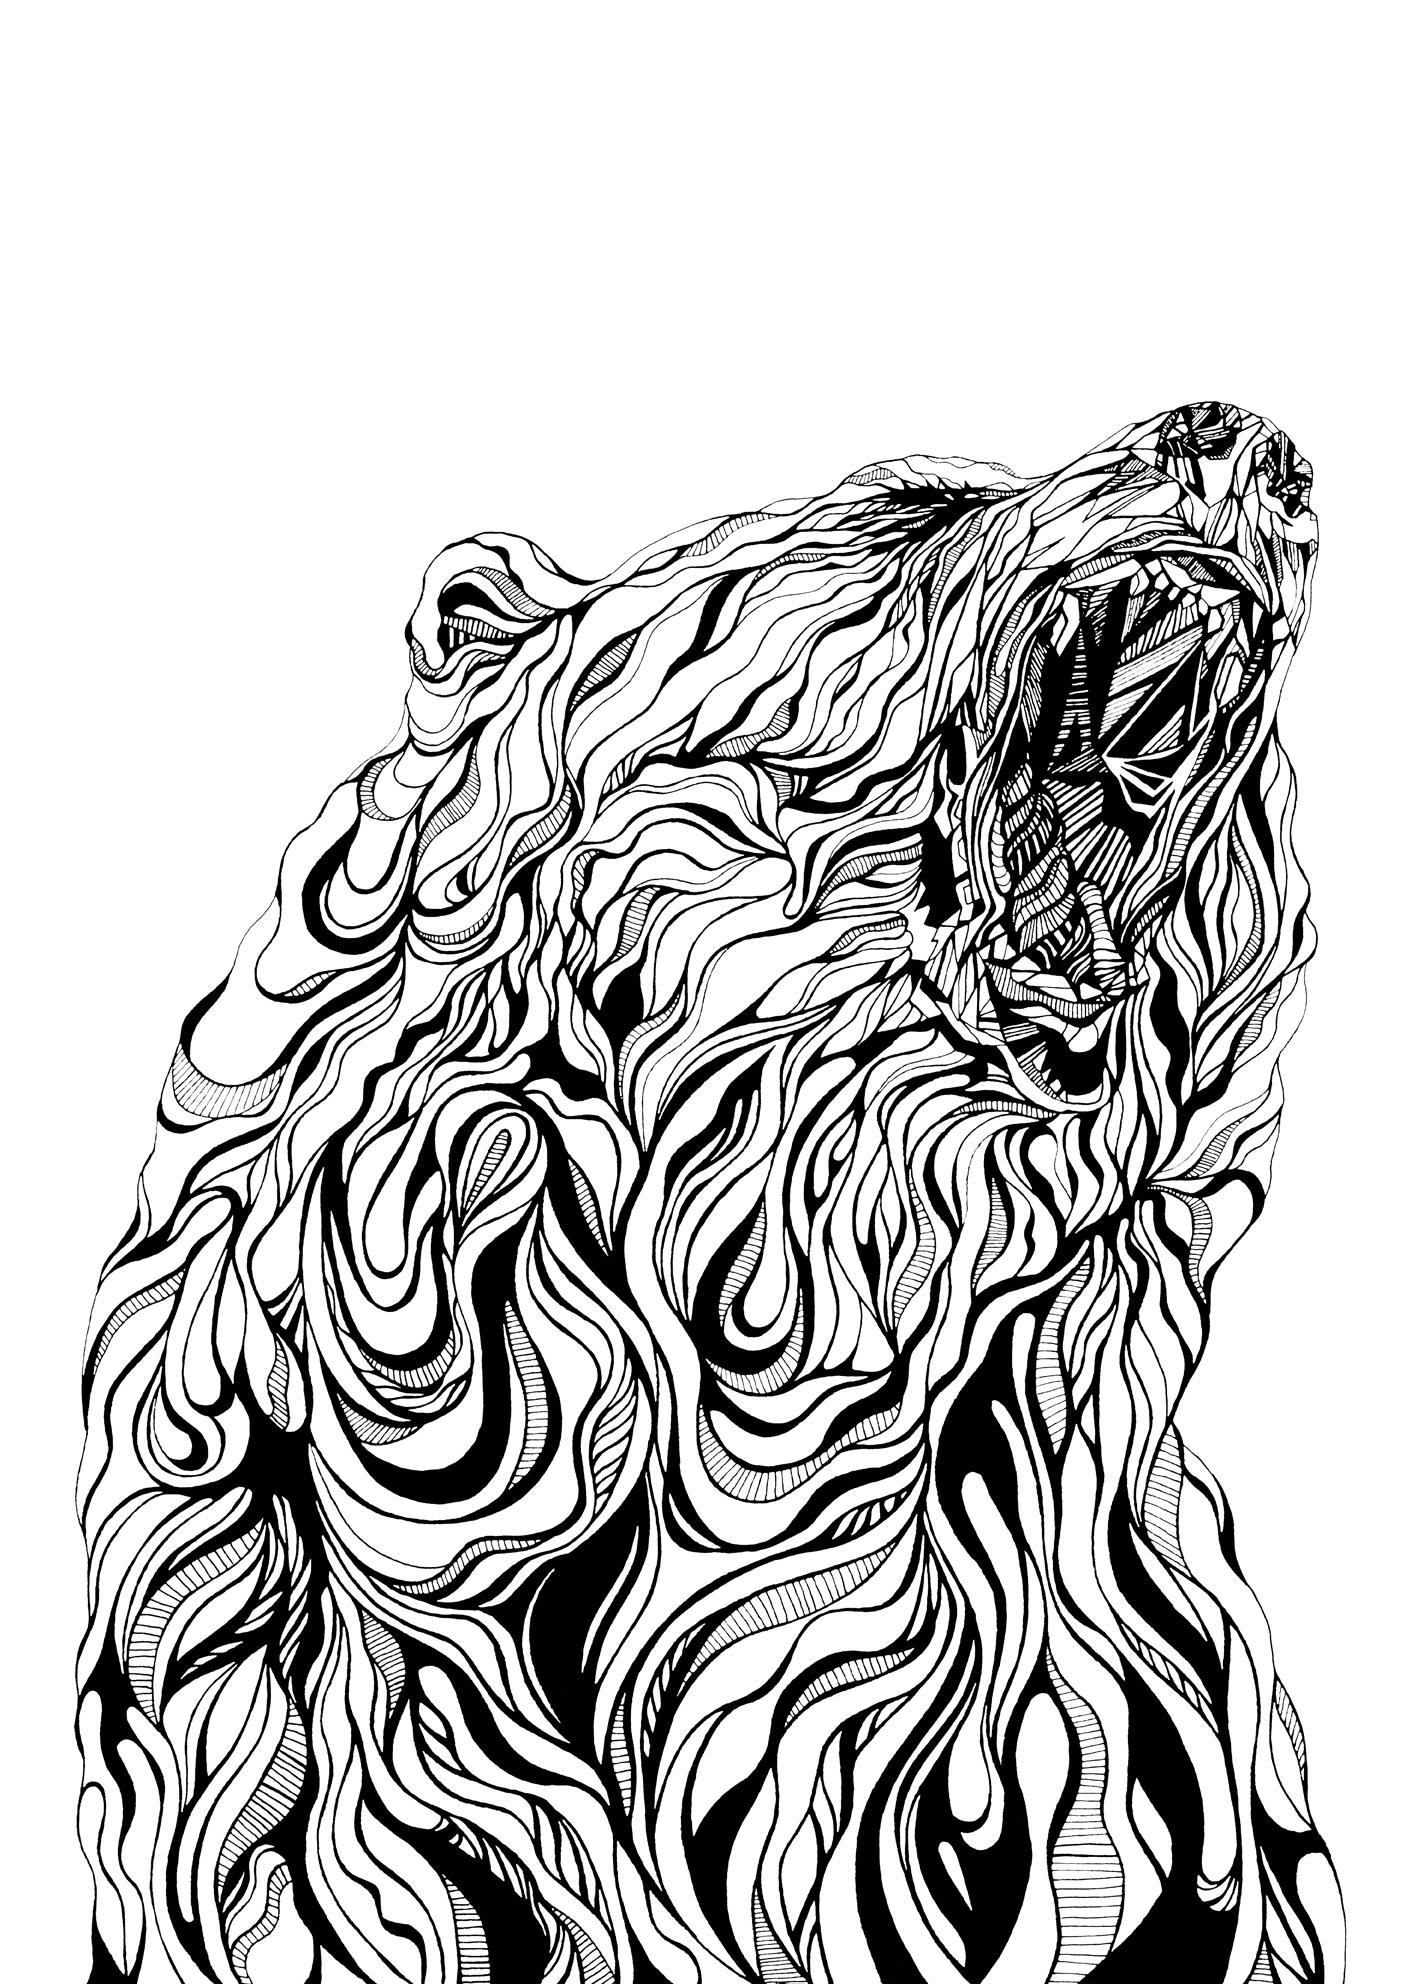 Claudine-O'Sullivan-Roar